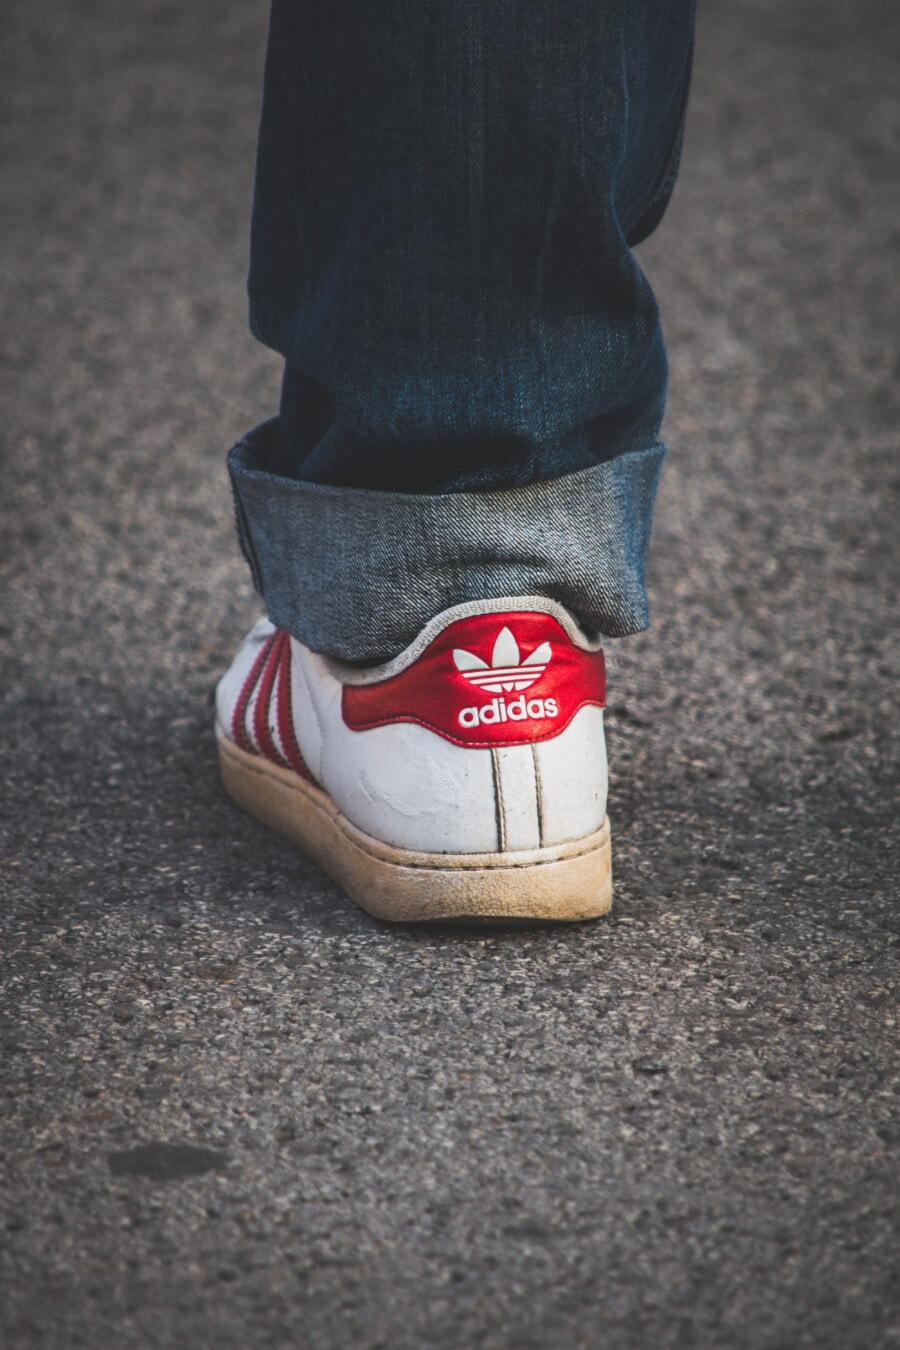 Adidas, Zeichen, alten Stil, Jahrgang, Turnschuhe, Klassiker, Denim, Hose, Jeans, dunkelblau